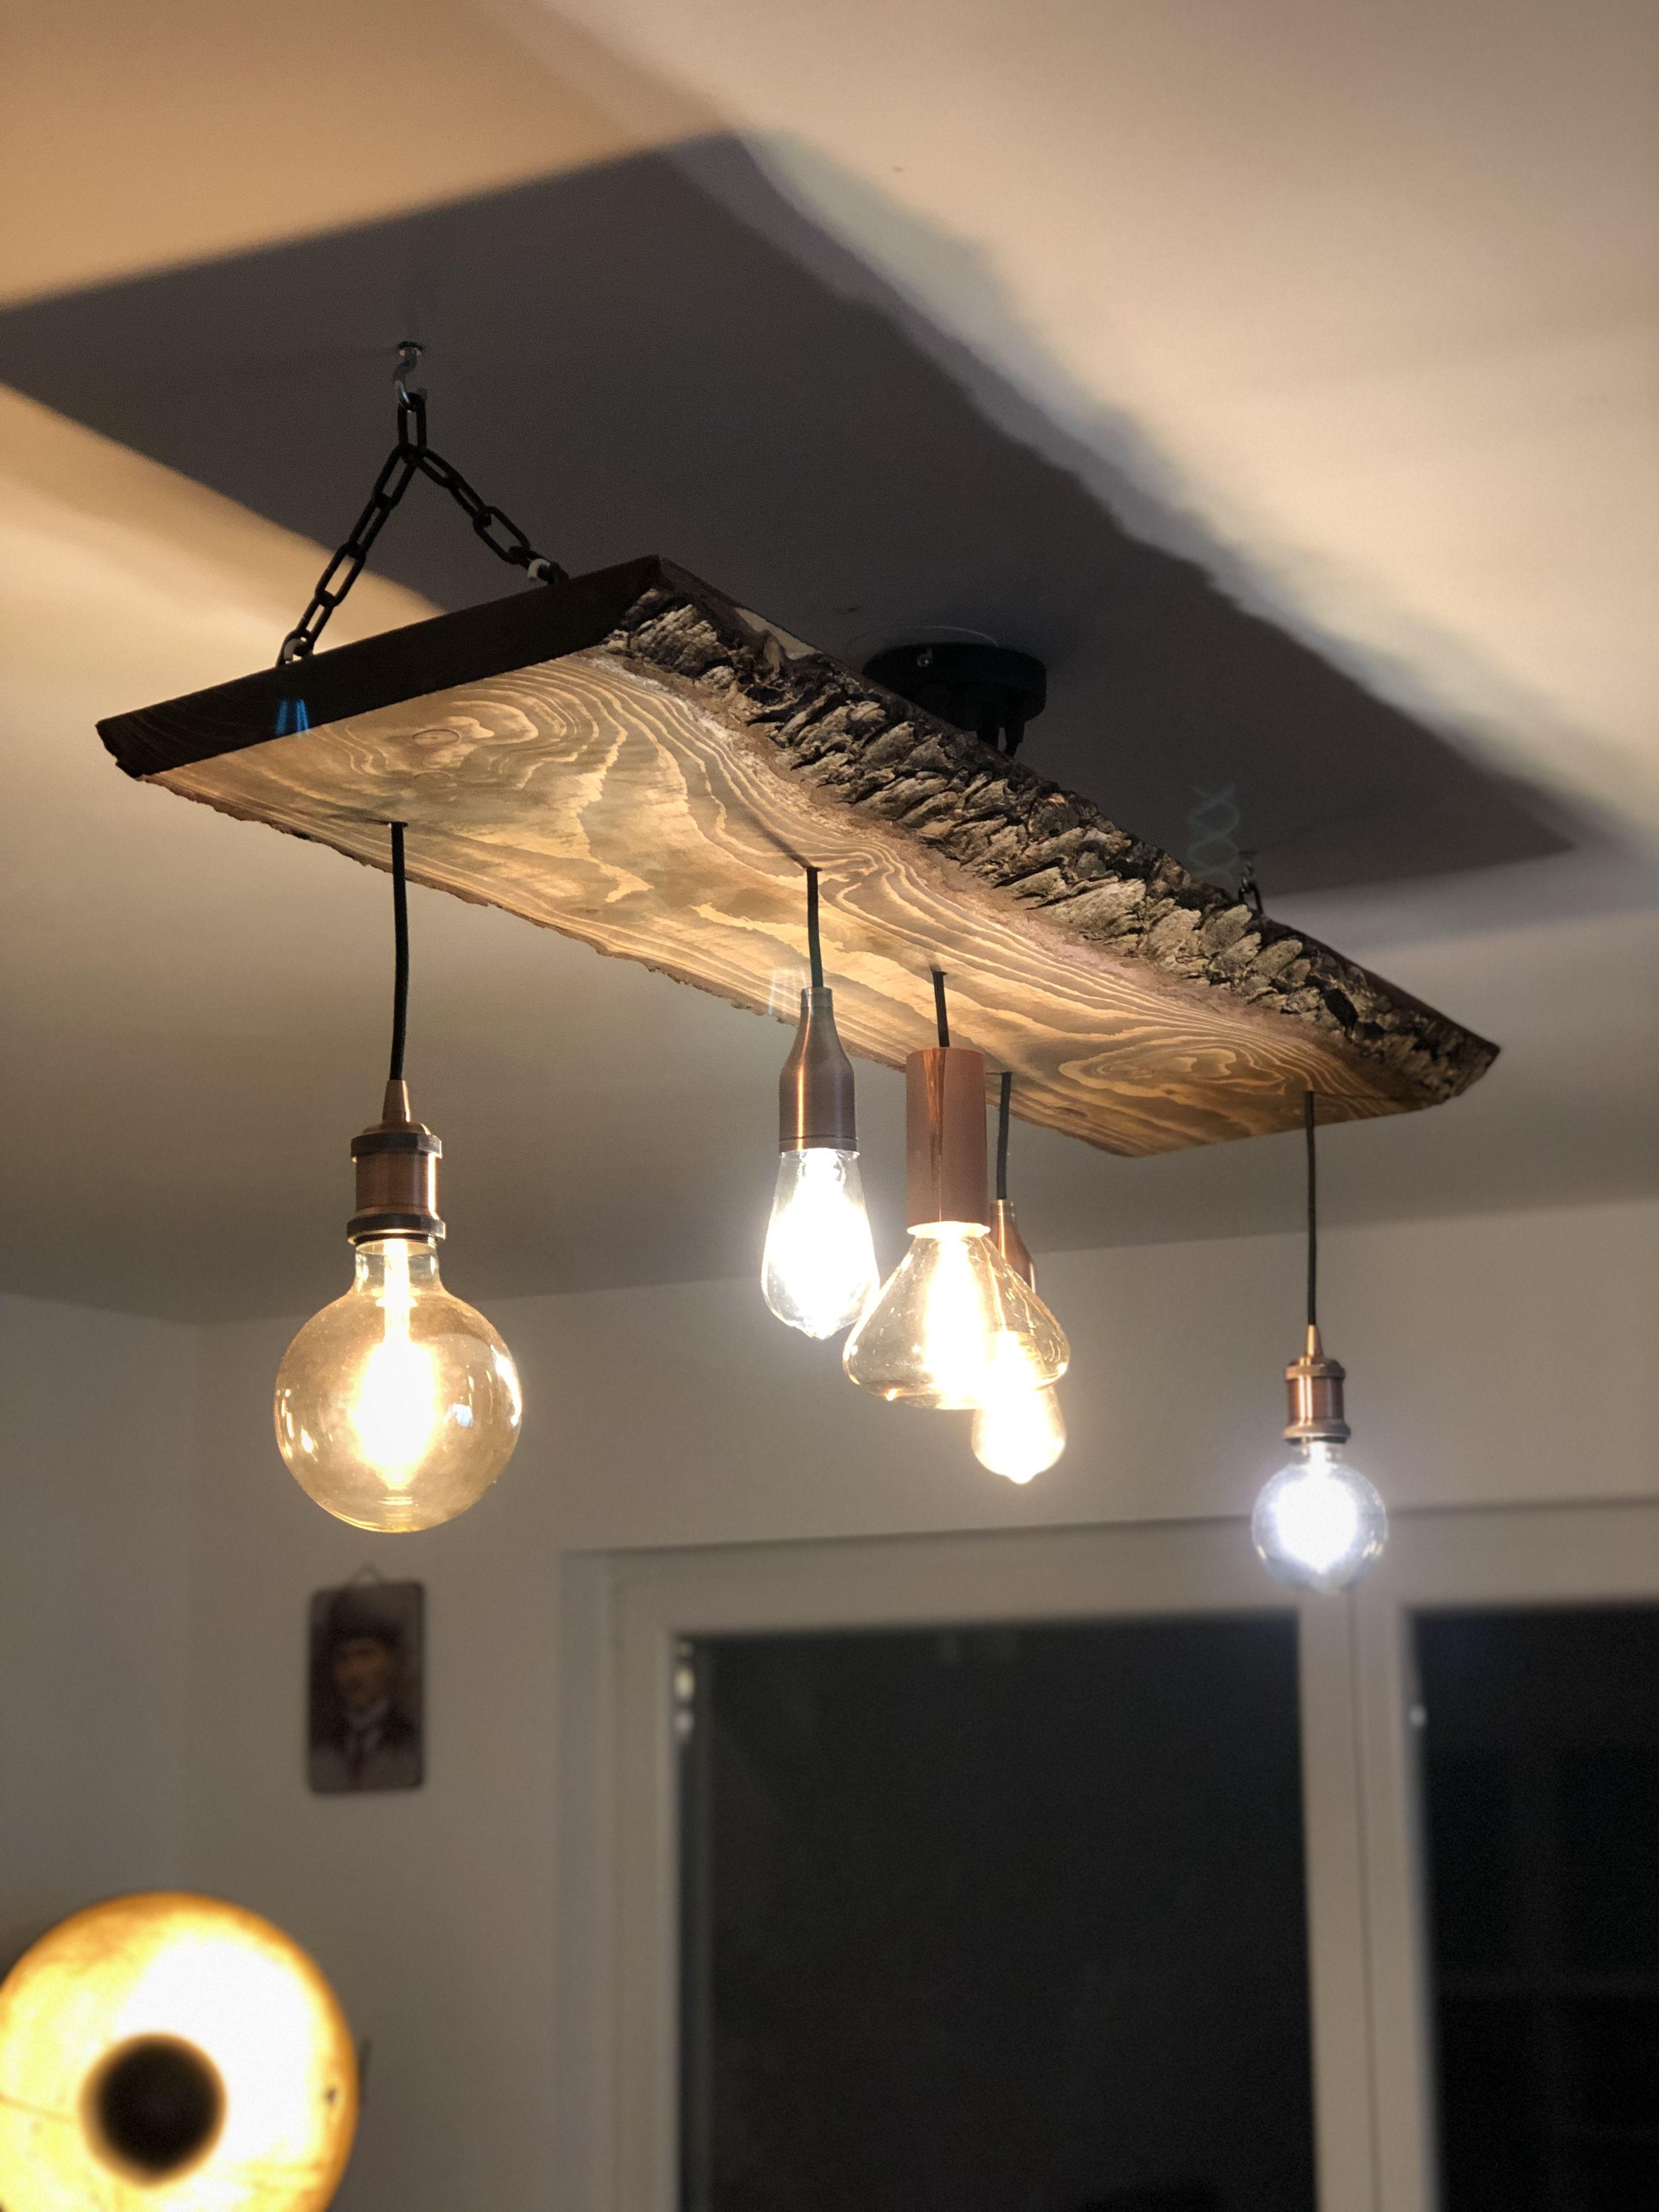 Pin von Sylwia Bulczynska auf Lampen | Lampe, Beleuchtung